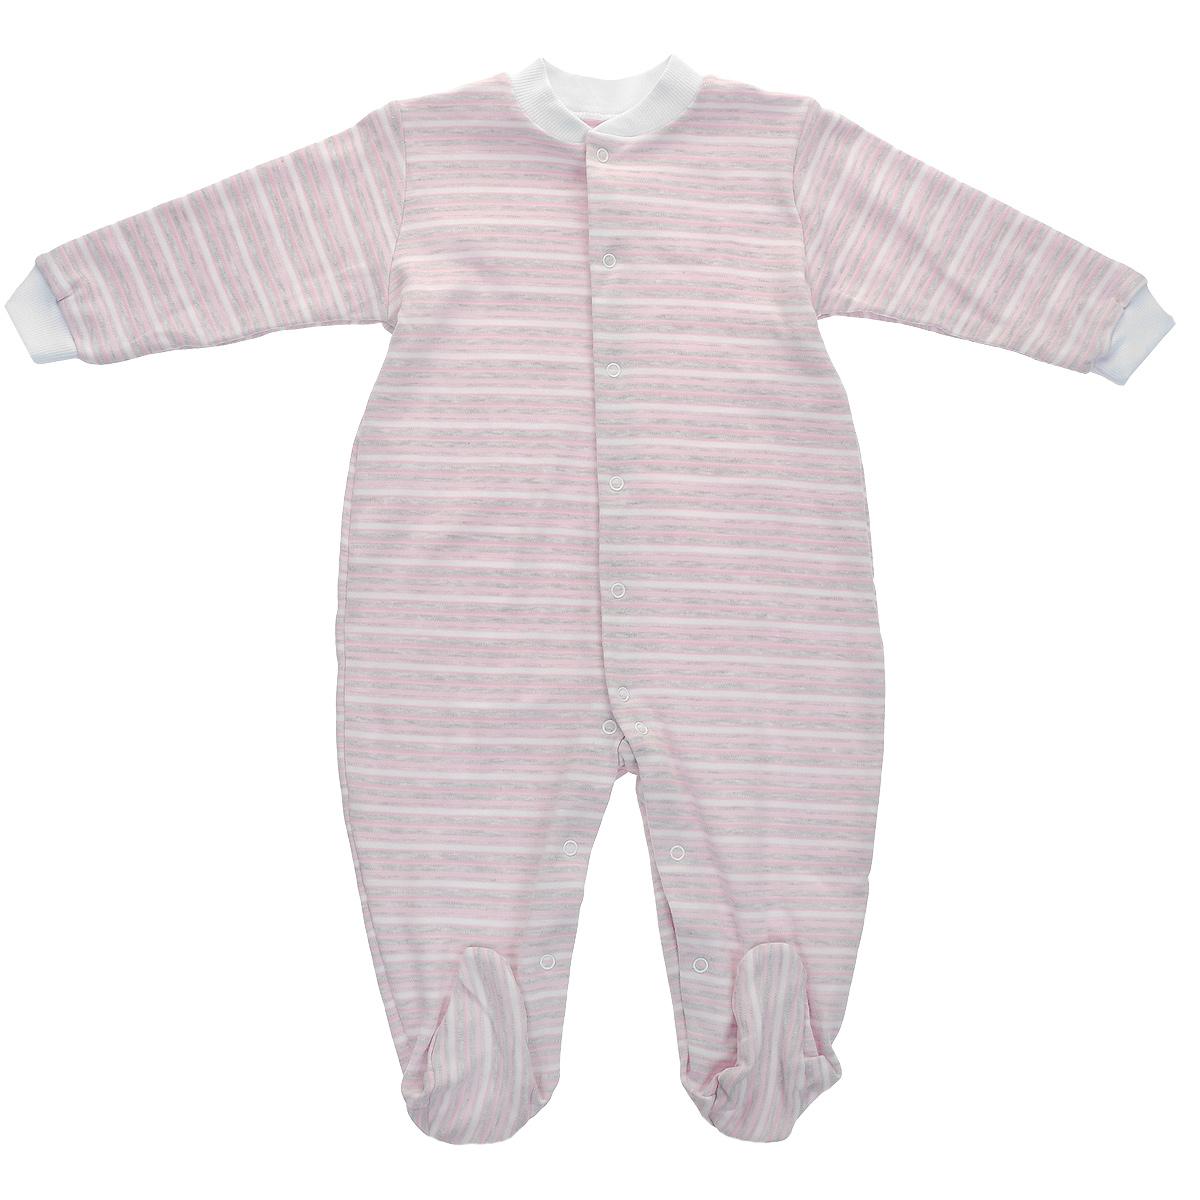 Комбинезон домашний39-526Детский комбинезон Фреш Стайл станет идеальным дополнением к гардеробу вашего ребенка. Изготовленный из натурального хлопка - интерлок-пенье, он необычайно мягкий и приятный на ощупь, не раздражает нежную кожу ребенка и хорошо вентилируется. Комбинезон с длинными рукавами, закрытыми ножками и небольшим воротником-стойкой застегиваются спереди на металлические кнопки по всей длине и на ластовице, что облегчает переодевание ребенка и смену подгузника. Горловина и манжеты дополнены трикотажной эластичной резинкой. Оформлен комбинезон принтом в полоску. Оригинальное сочетание тканей и забавный рисунок делают этот предмет детской одежды оригинальным и стильным.